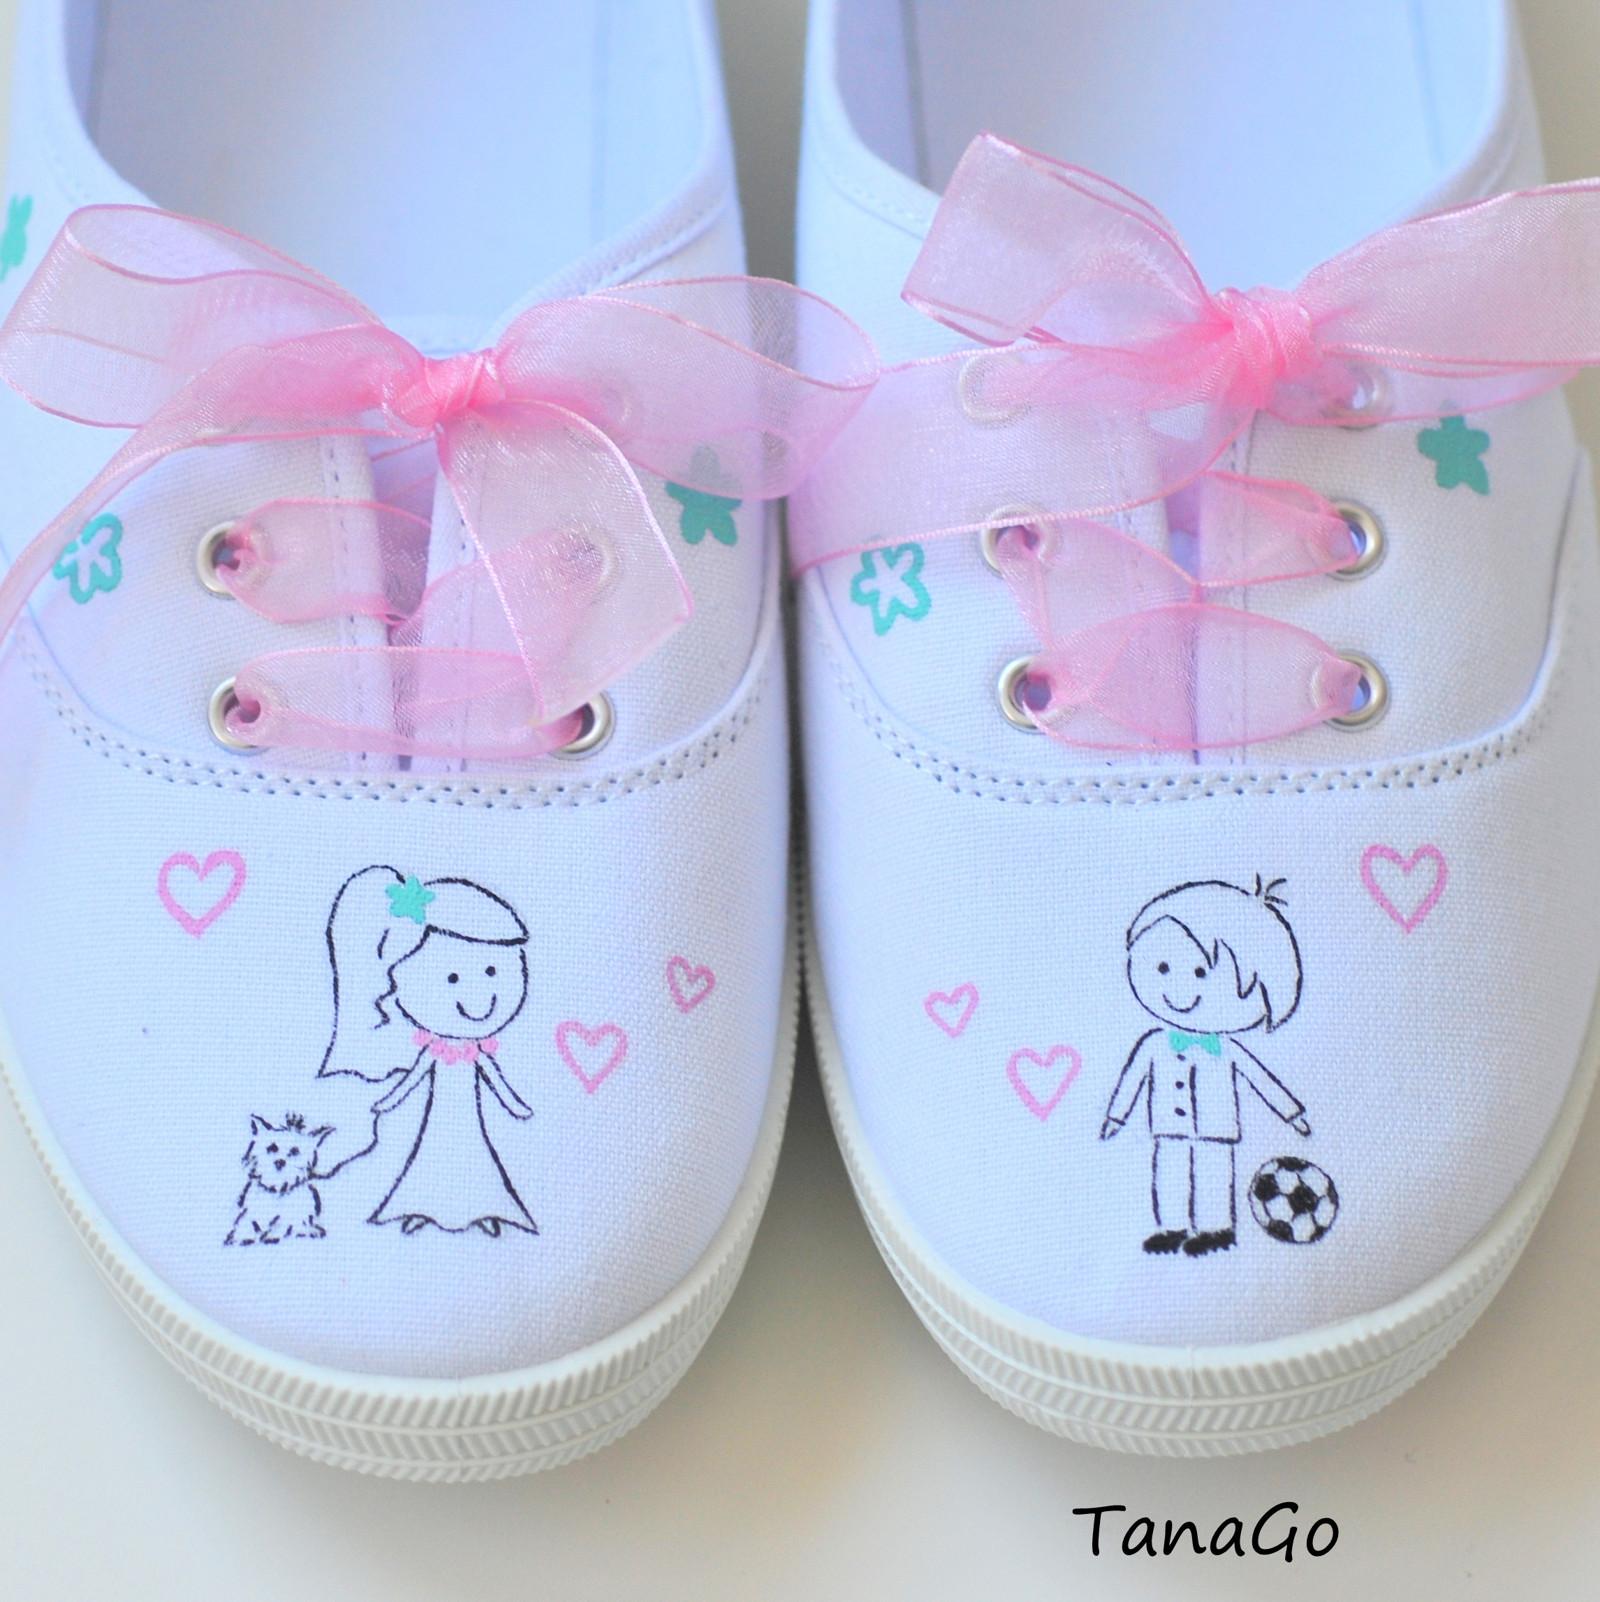 Svatební tenisky mentolovo-růžové   Zboží prodejce TanaGo  a12abc4a53